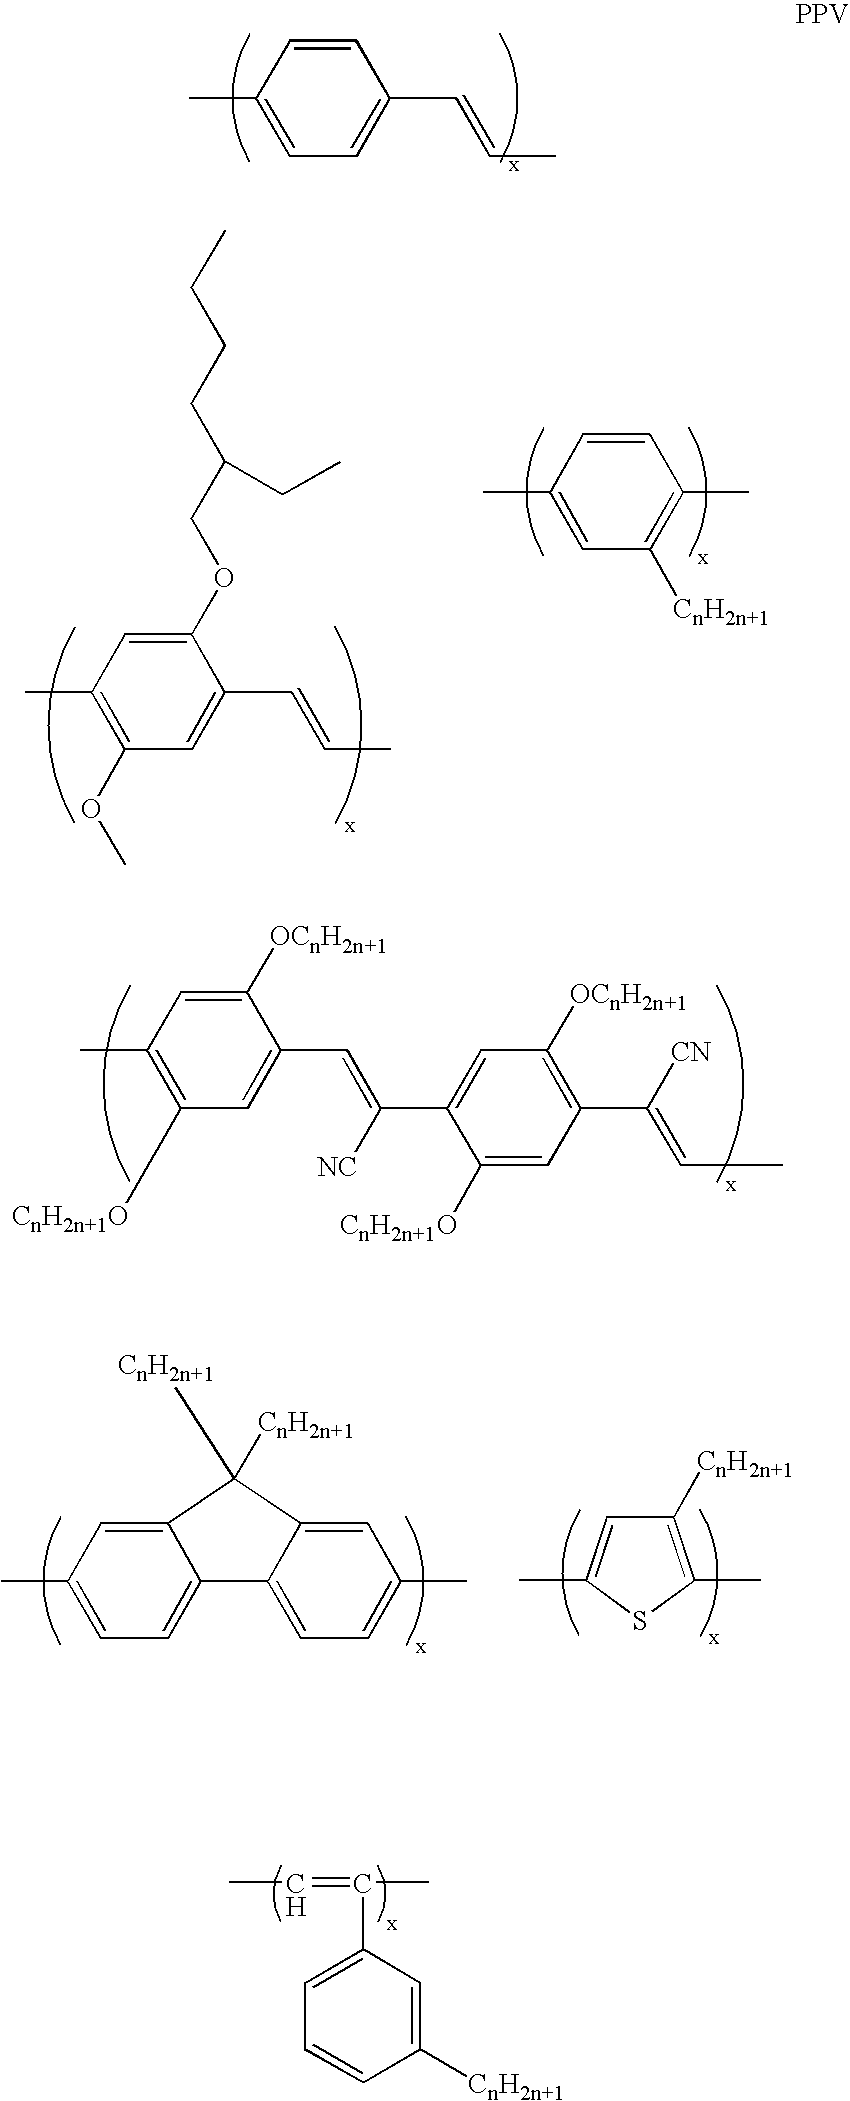 Figure US20070252141A1-20071101-C00016